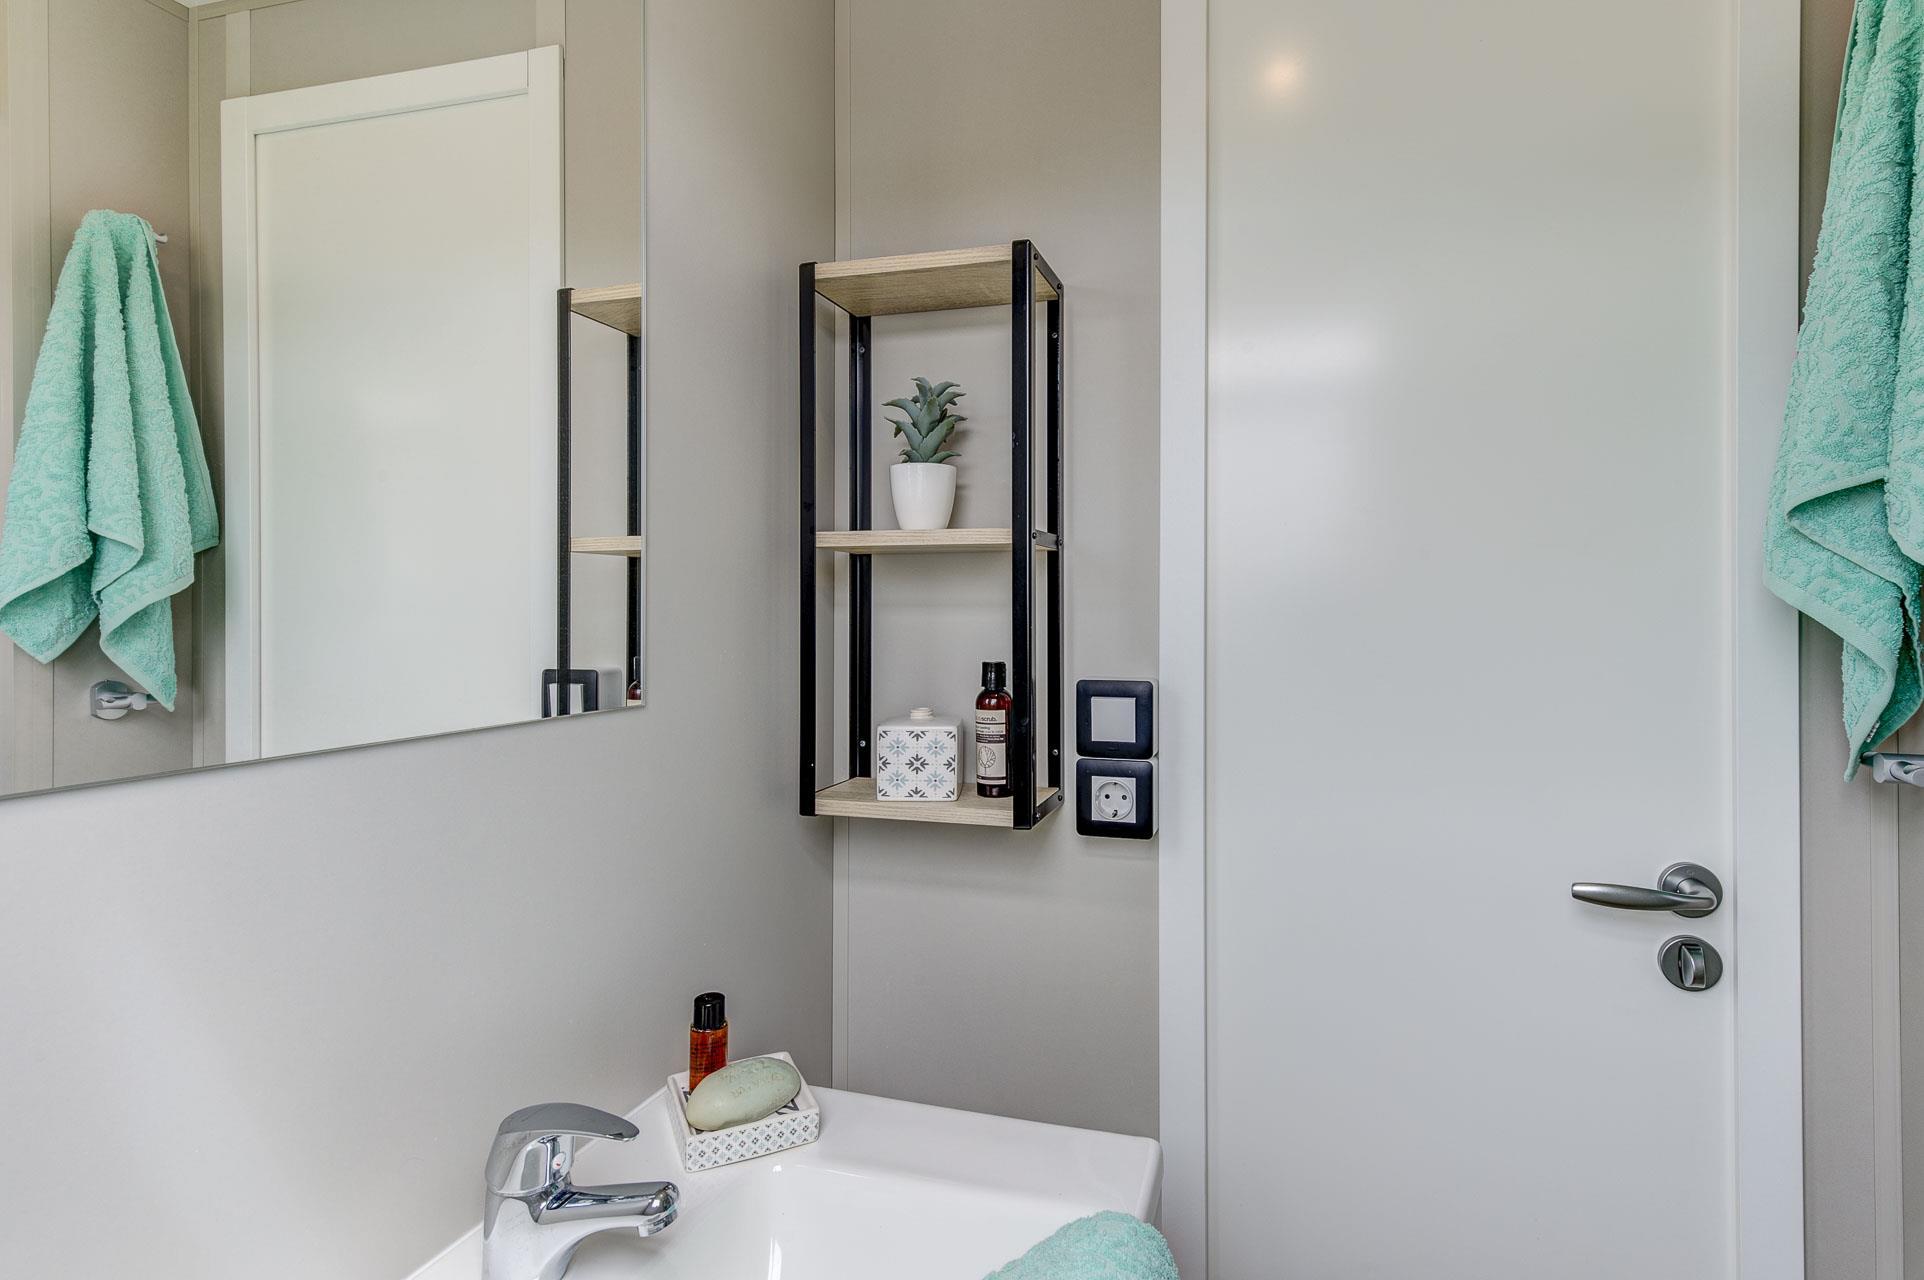 Location - Confort+ Glénan 3 Chambres 32M² - Camping Le Cabellou Plage